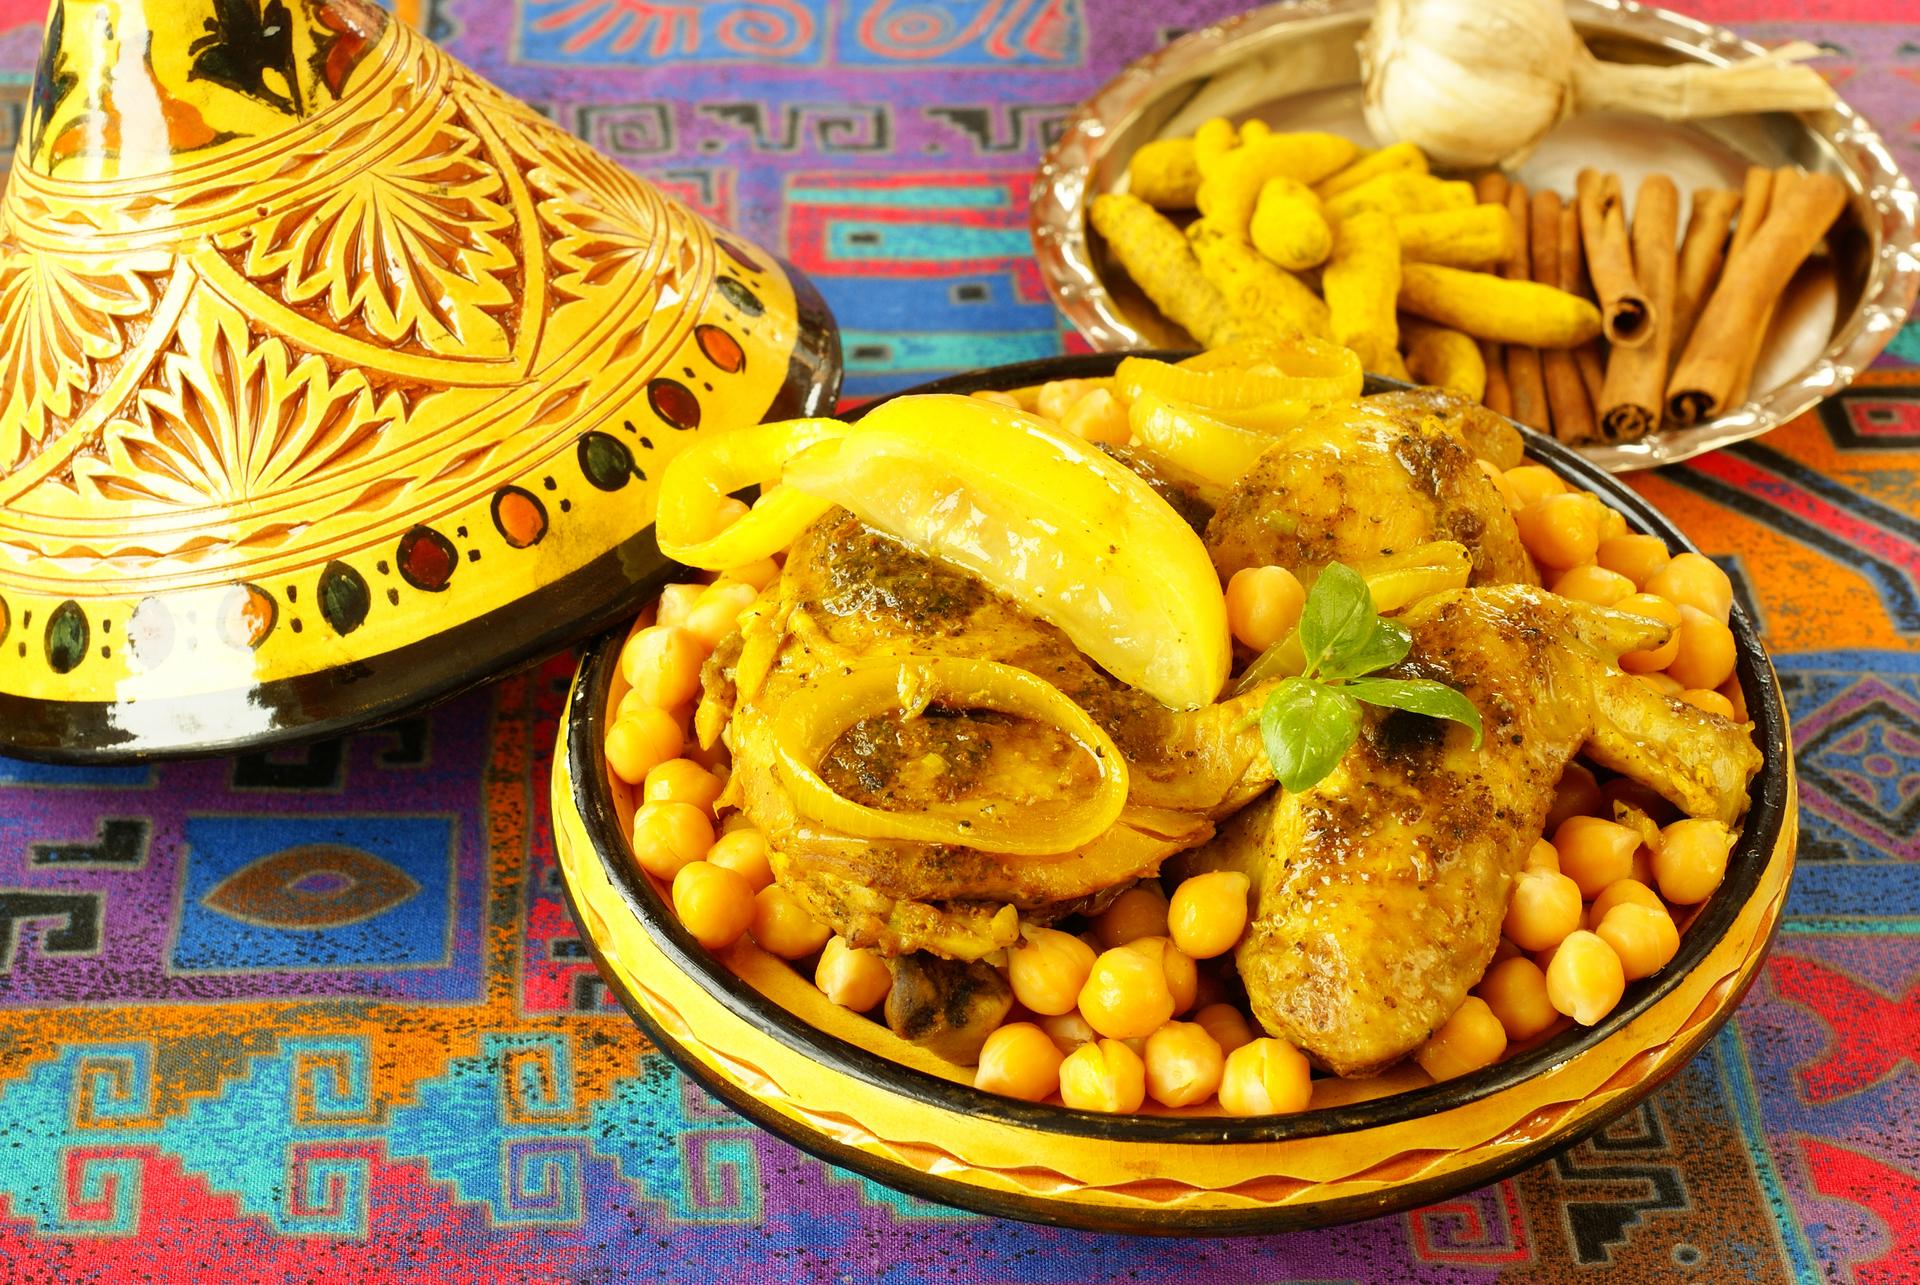 Gele tajine met kip en kikkererwten gerecht, Marokko